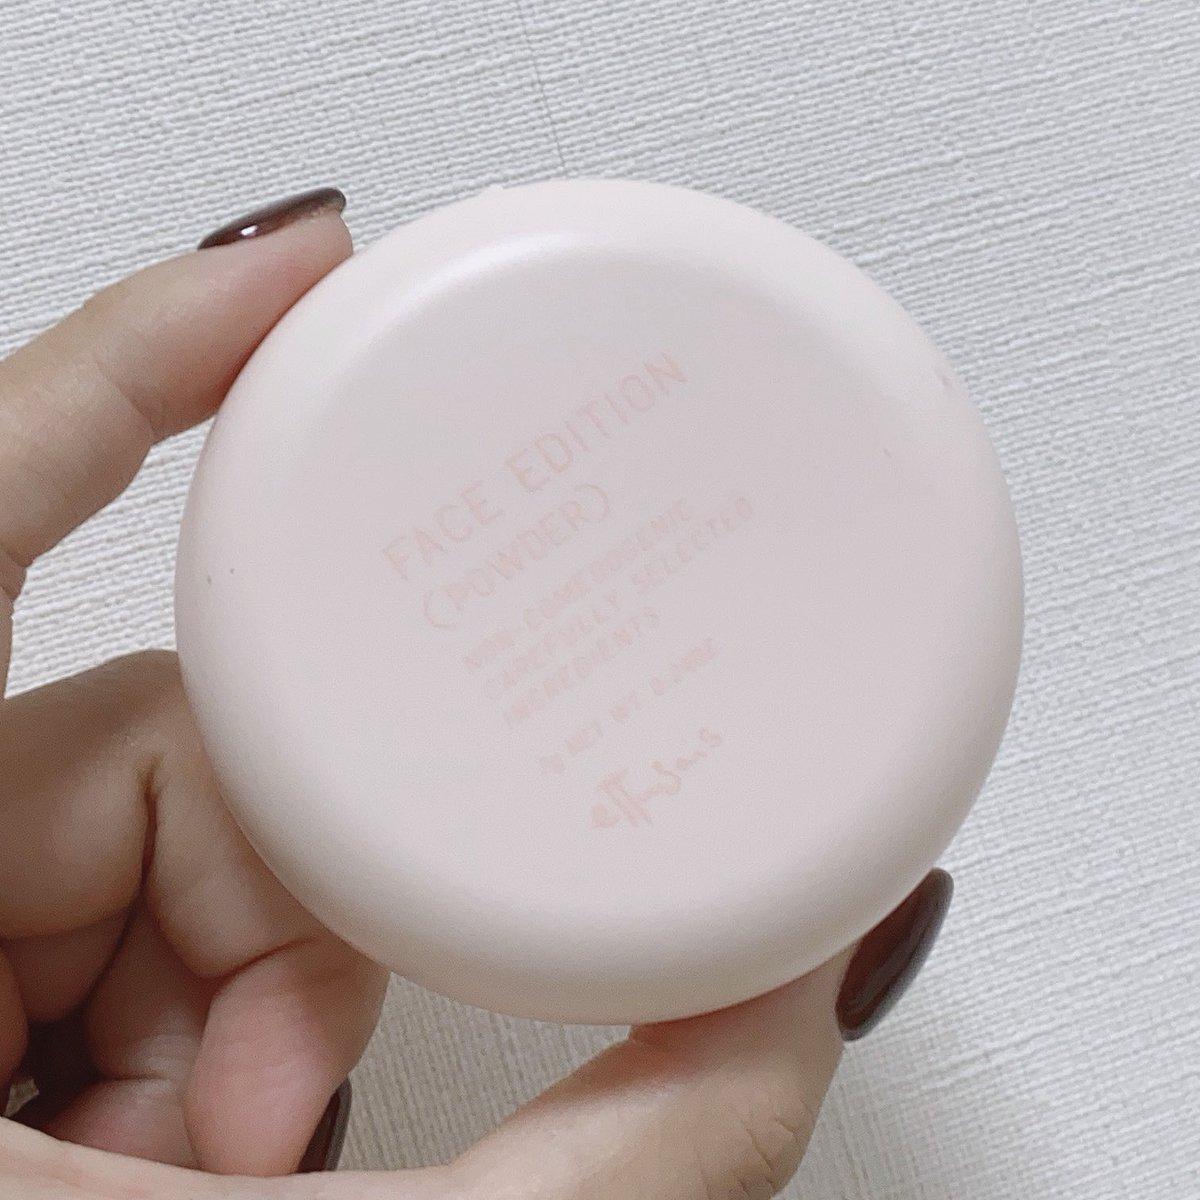 最近毎日使ってるエテュセのフェイスパウダーがプチプラなのにデパコス並の仕上がり。付属のパフで雑にポンポンするだけで、ベースメイクの艶は残しつつ、嫌なテカリだけ綺麗に抑えてくれる。色が付かないのも使いやすいし、毛穴もふわっと消える。コンパクトだから持ち運び用ポーチにも絶対入れてる。